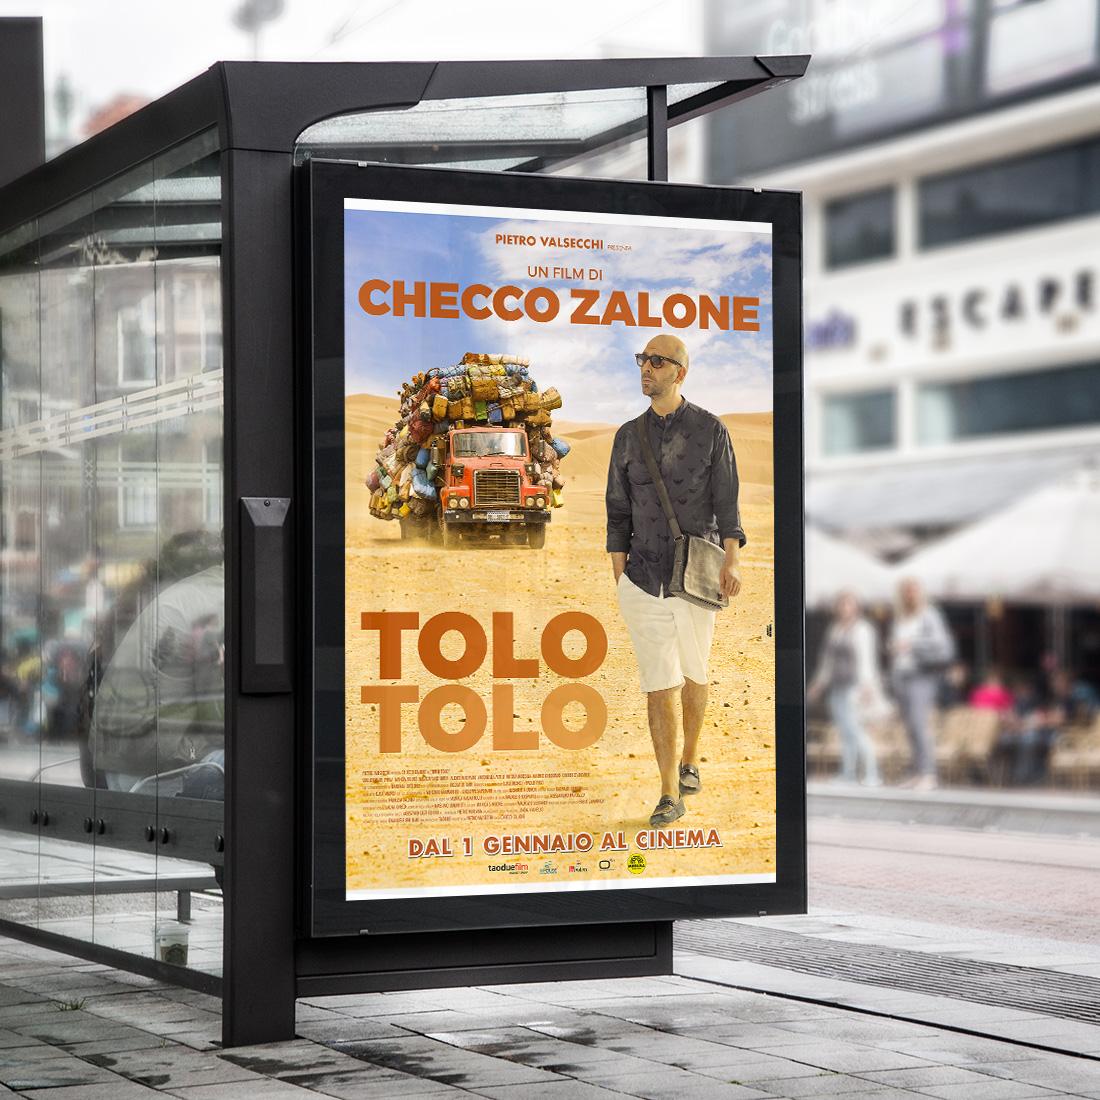 tolotolo_poster_dionisio_beatrice